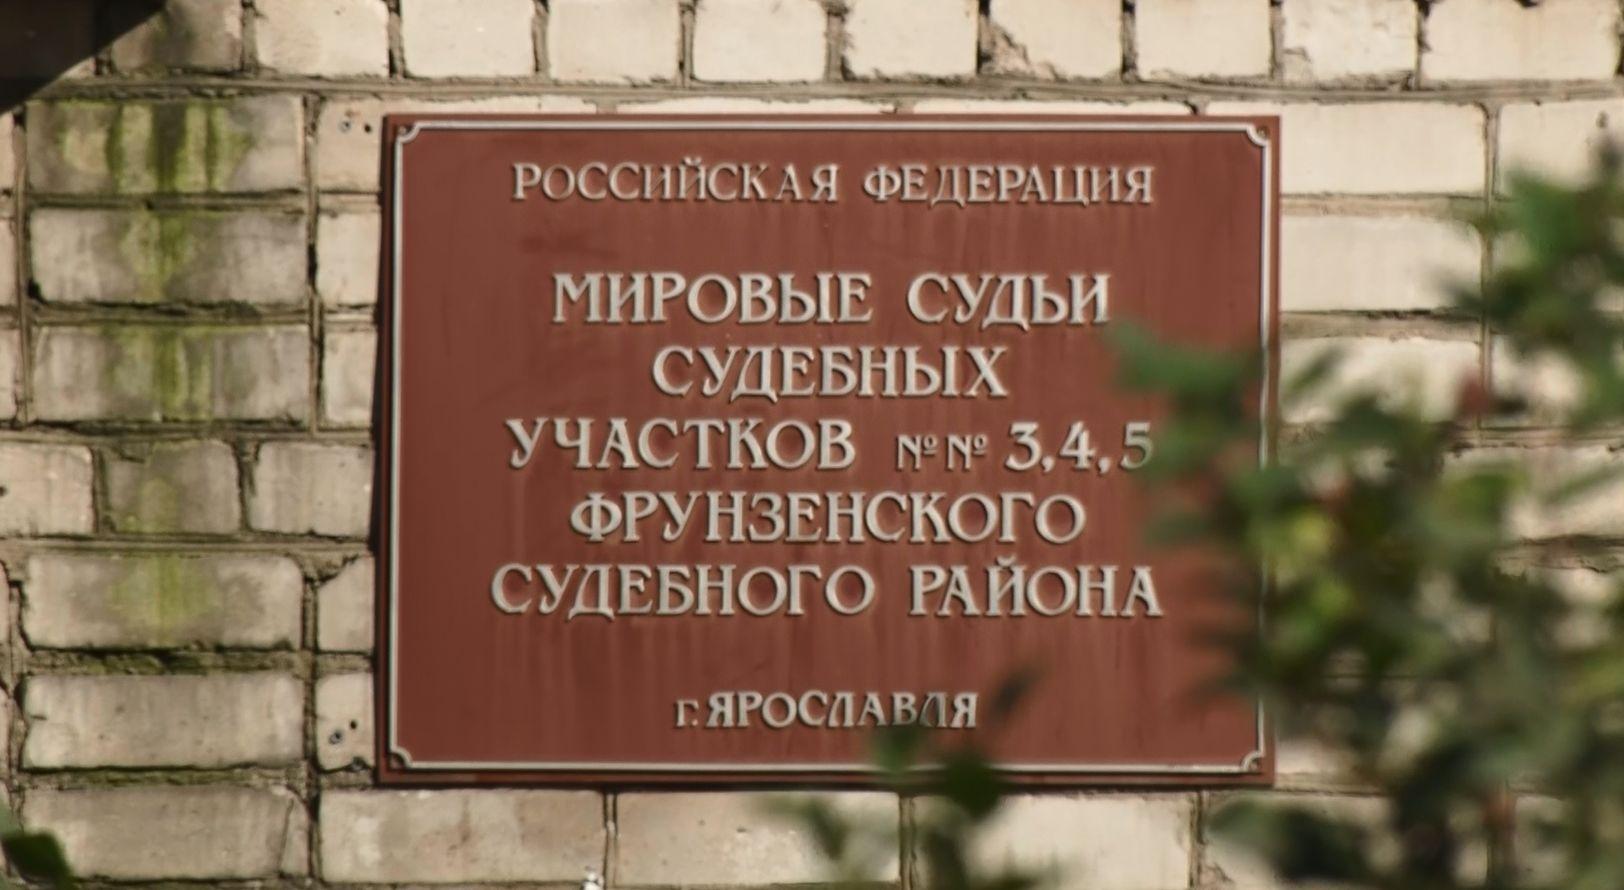 Избежали уголовного наказания: в Ярославле закончился суд на санитарами психиатрической больницы